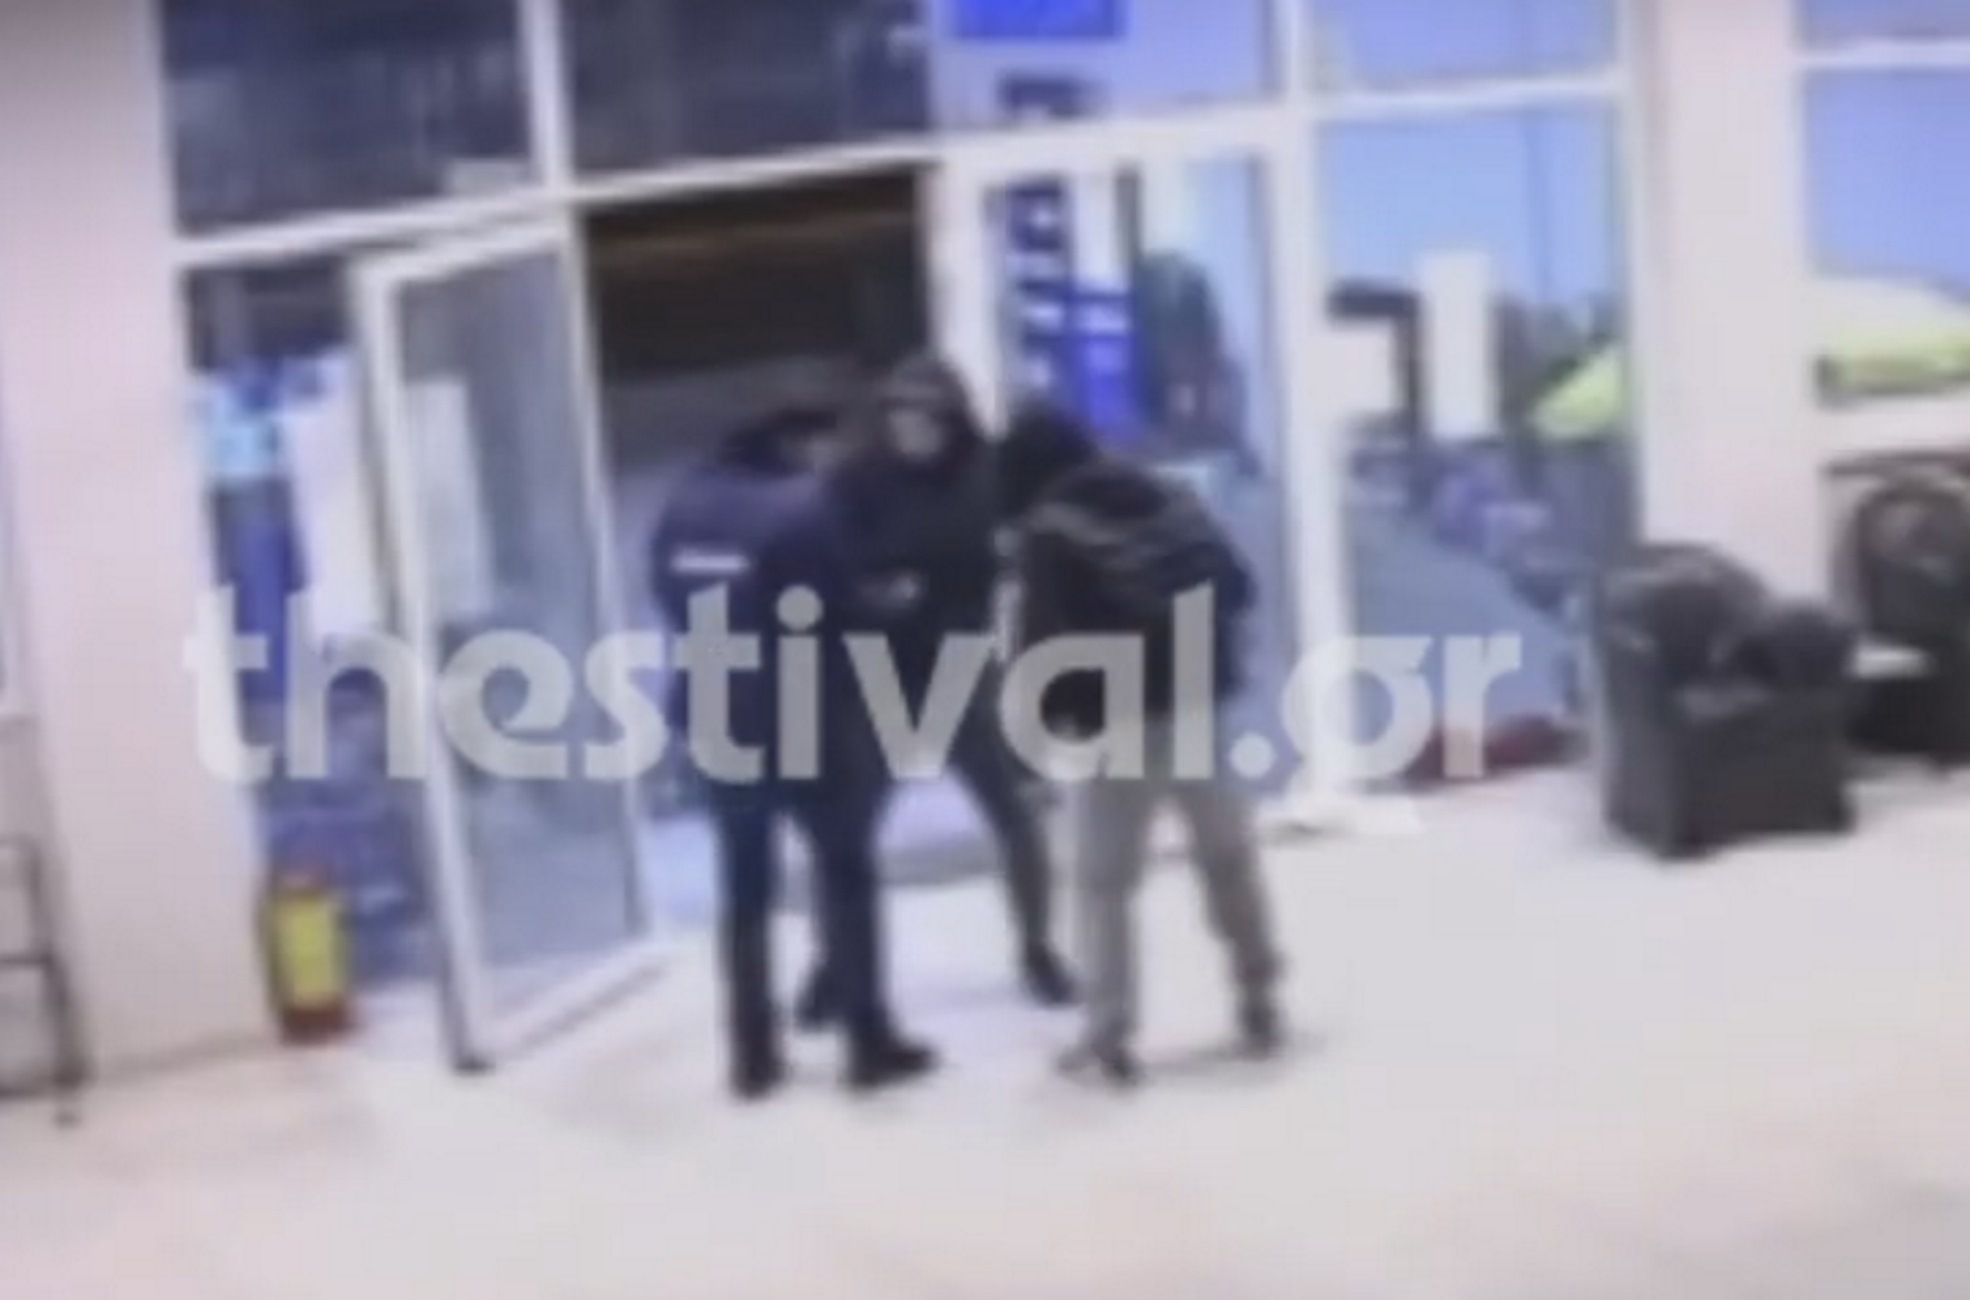 Θεσσαλονίκη: Βίντεο ντοκουμέντο με ληστεία σε βενζινάδικο – Τρόμος για τον υπάλληλο (video)